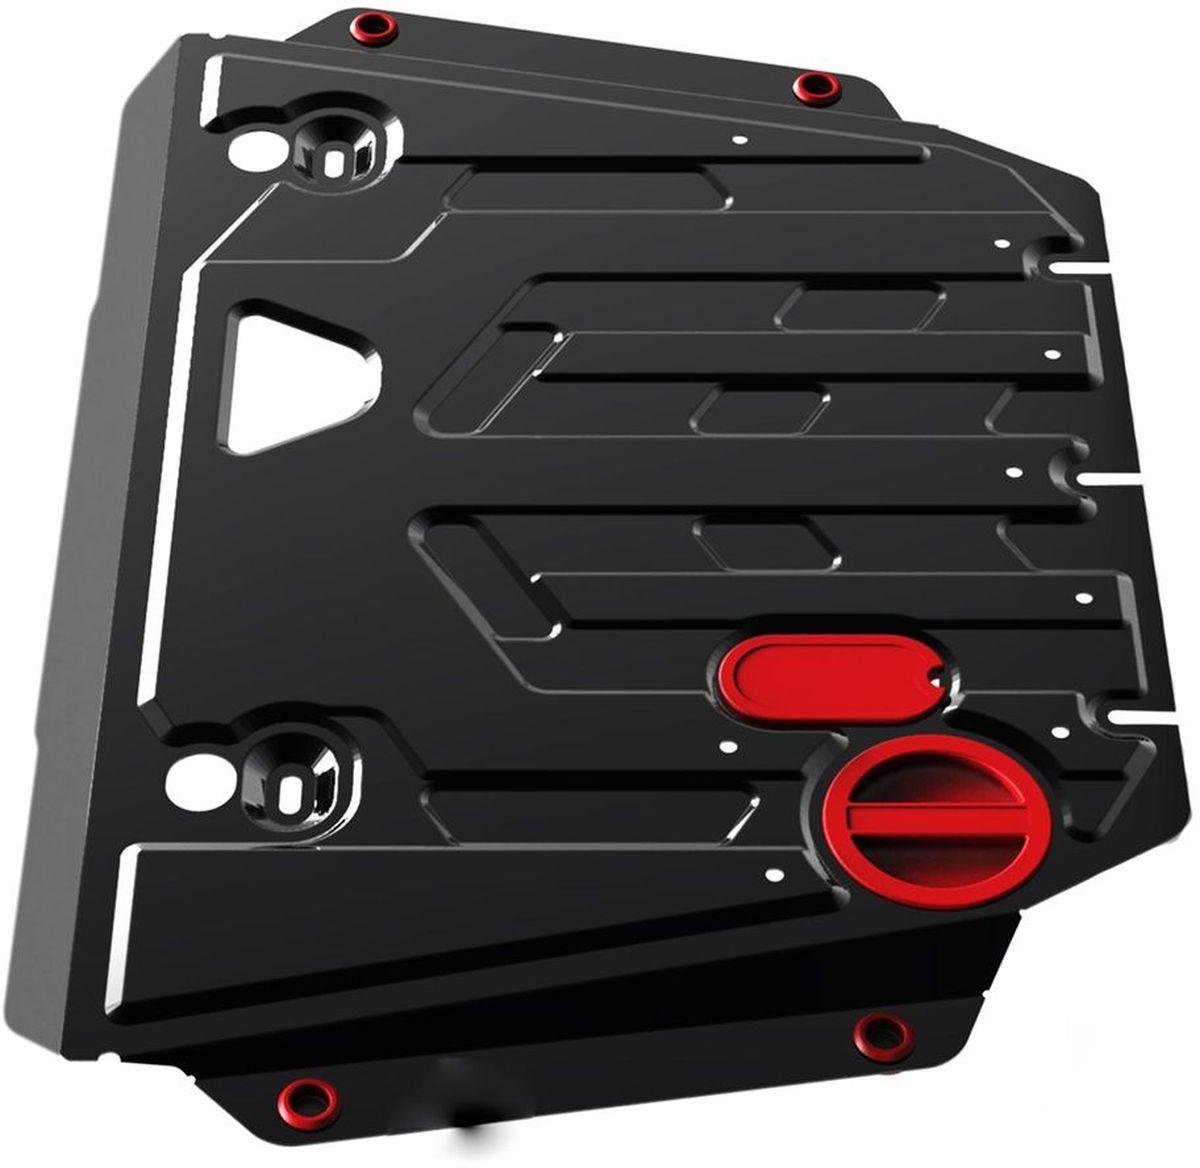 Защита картера и КПП Автоброня, для Citroen C3, V - 1,4; 1,6 (2010-)111.01205.1Технологически совершенный продукт за невысокую стоимость. Защита разработана с учетом особенностей днища автомобиля, что позволяет сохранить дорожный просвет с минимальным изменением. Защита устанавливается в штатные места кузова автомобиля. Глубокий штамп обеспечивает до двух раз больше жесткости в сравнении с обычной защитой той же толщины. Проштампованные ребра жесткости препятствуют деформации защиты при ударах. Тепловой зазор и вентиляционные отверстия обеспечивают сохранение температурного режима двигателя в норме. Скрытый крепеж предотвращает срыв крепежных элементов при наезде на препятствие. Шумопоглощающие резиновые элементы обеспечивают комфортную езду без вибраций и скрежета металла, а съемные лючки для слива масла и замены фильтра - экономию средств и время. Конструкция изделия не влияет на пассивную безопасность автомобиля (при ударе защита не воздействует на деформационные зоны кузова). Со штатным крепежом. В комплекте инструкция по установке....